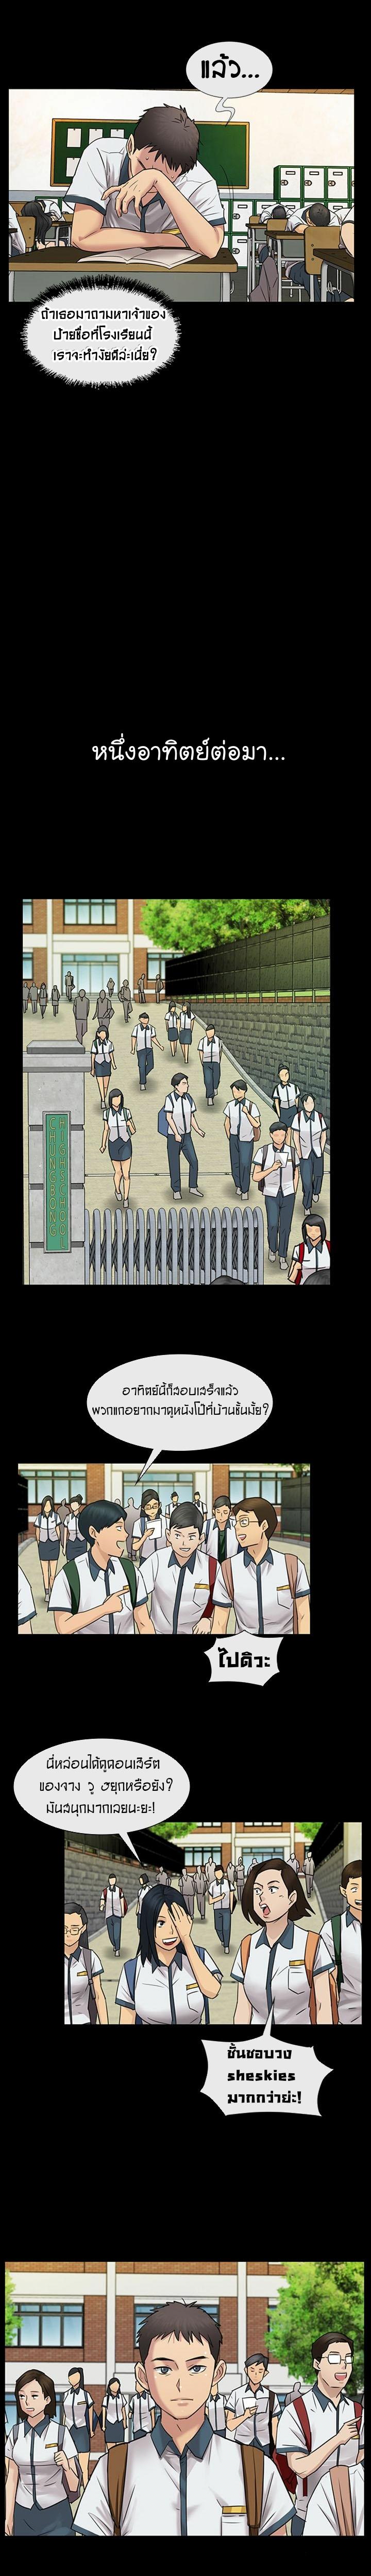 ควีน บี 4 ภาพ 8